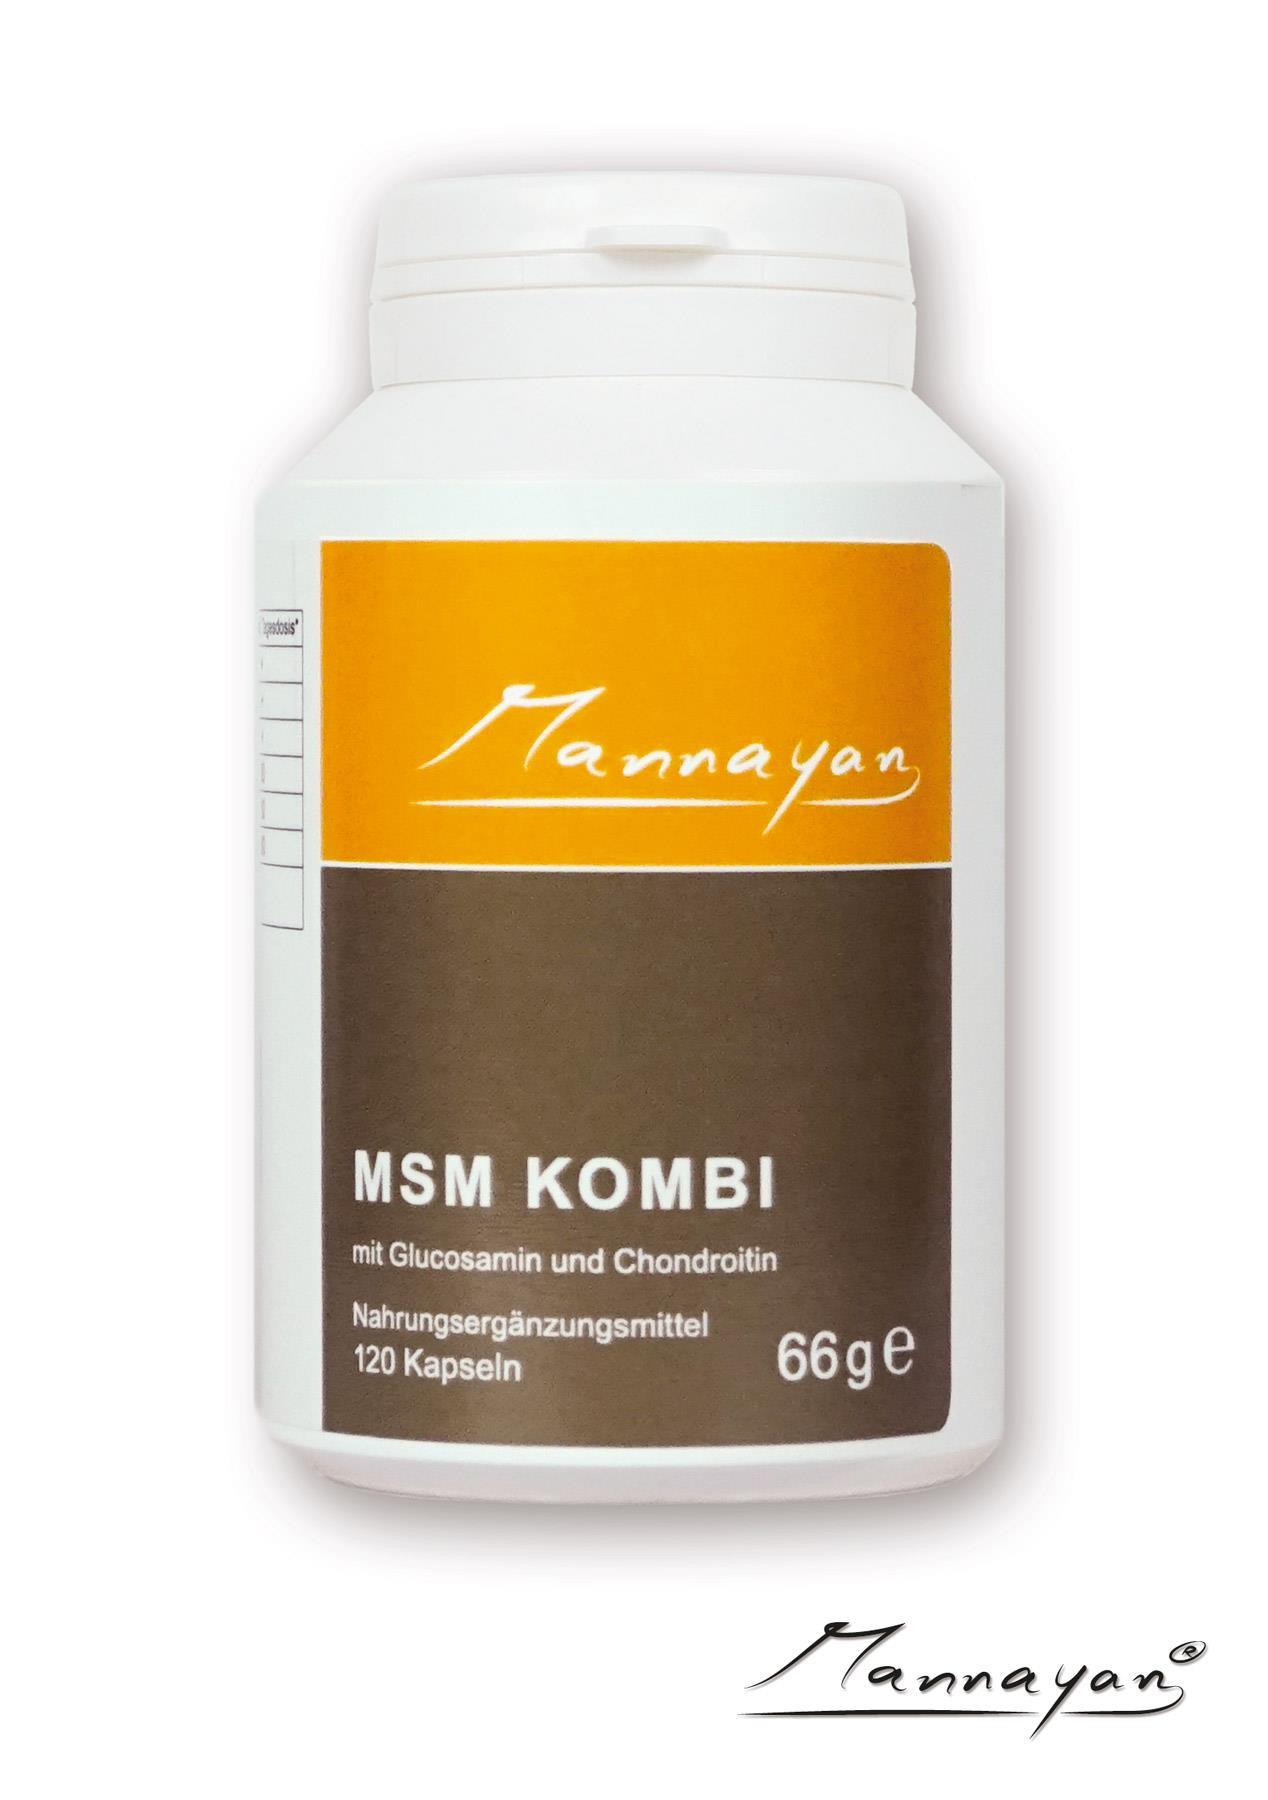 MSM - Kombi von Mannayan